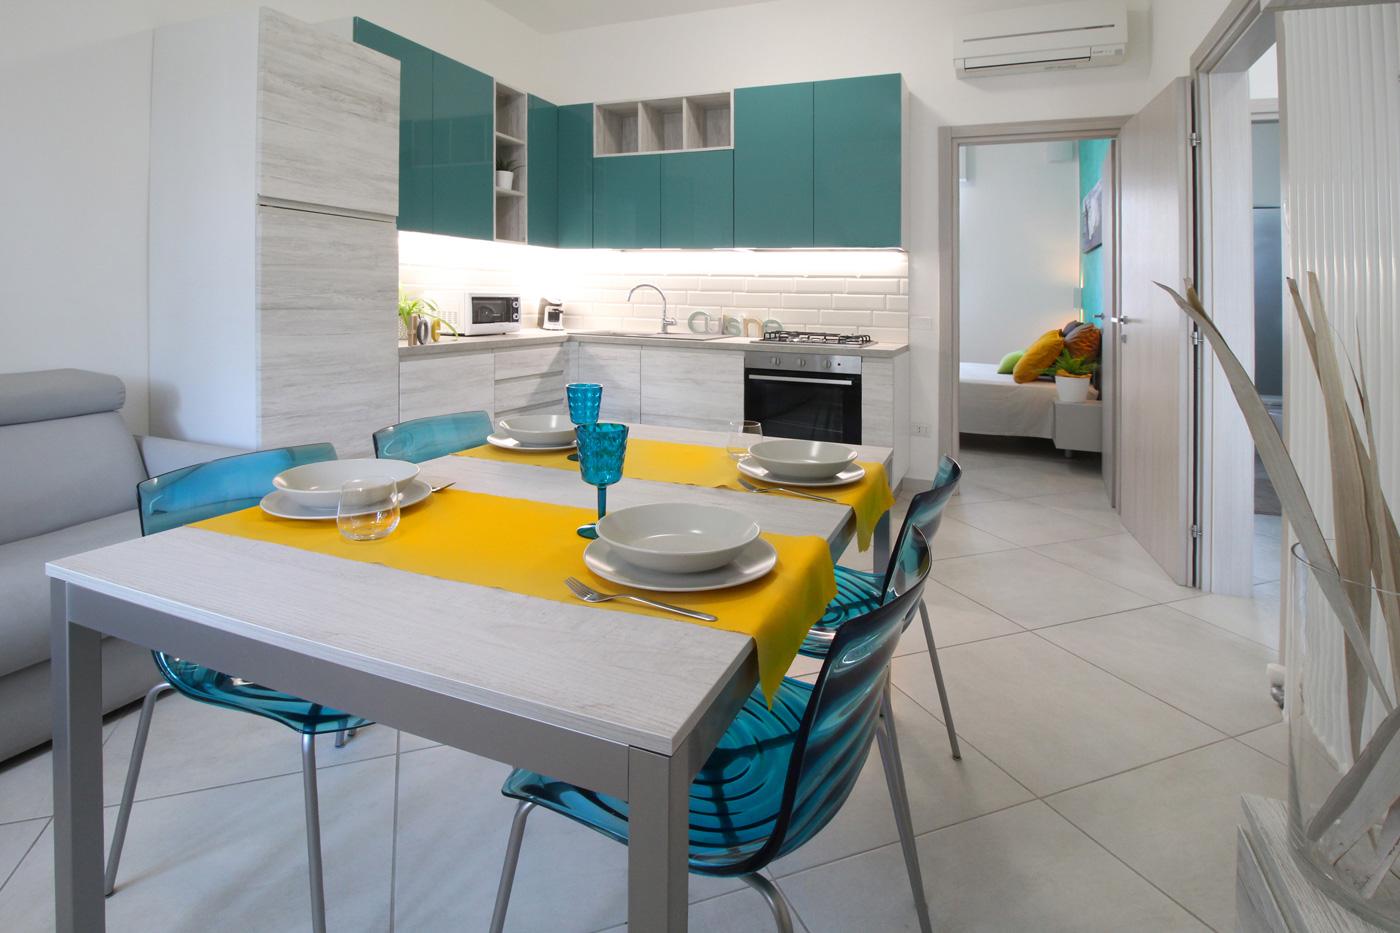 Appartamento samantha_Romagna case vacanze_IMG_7351